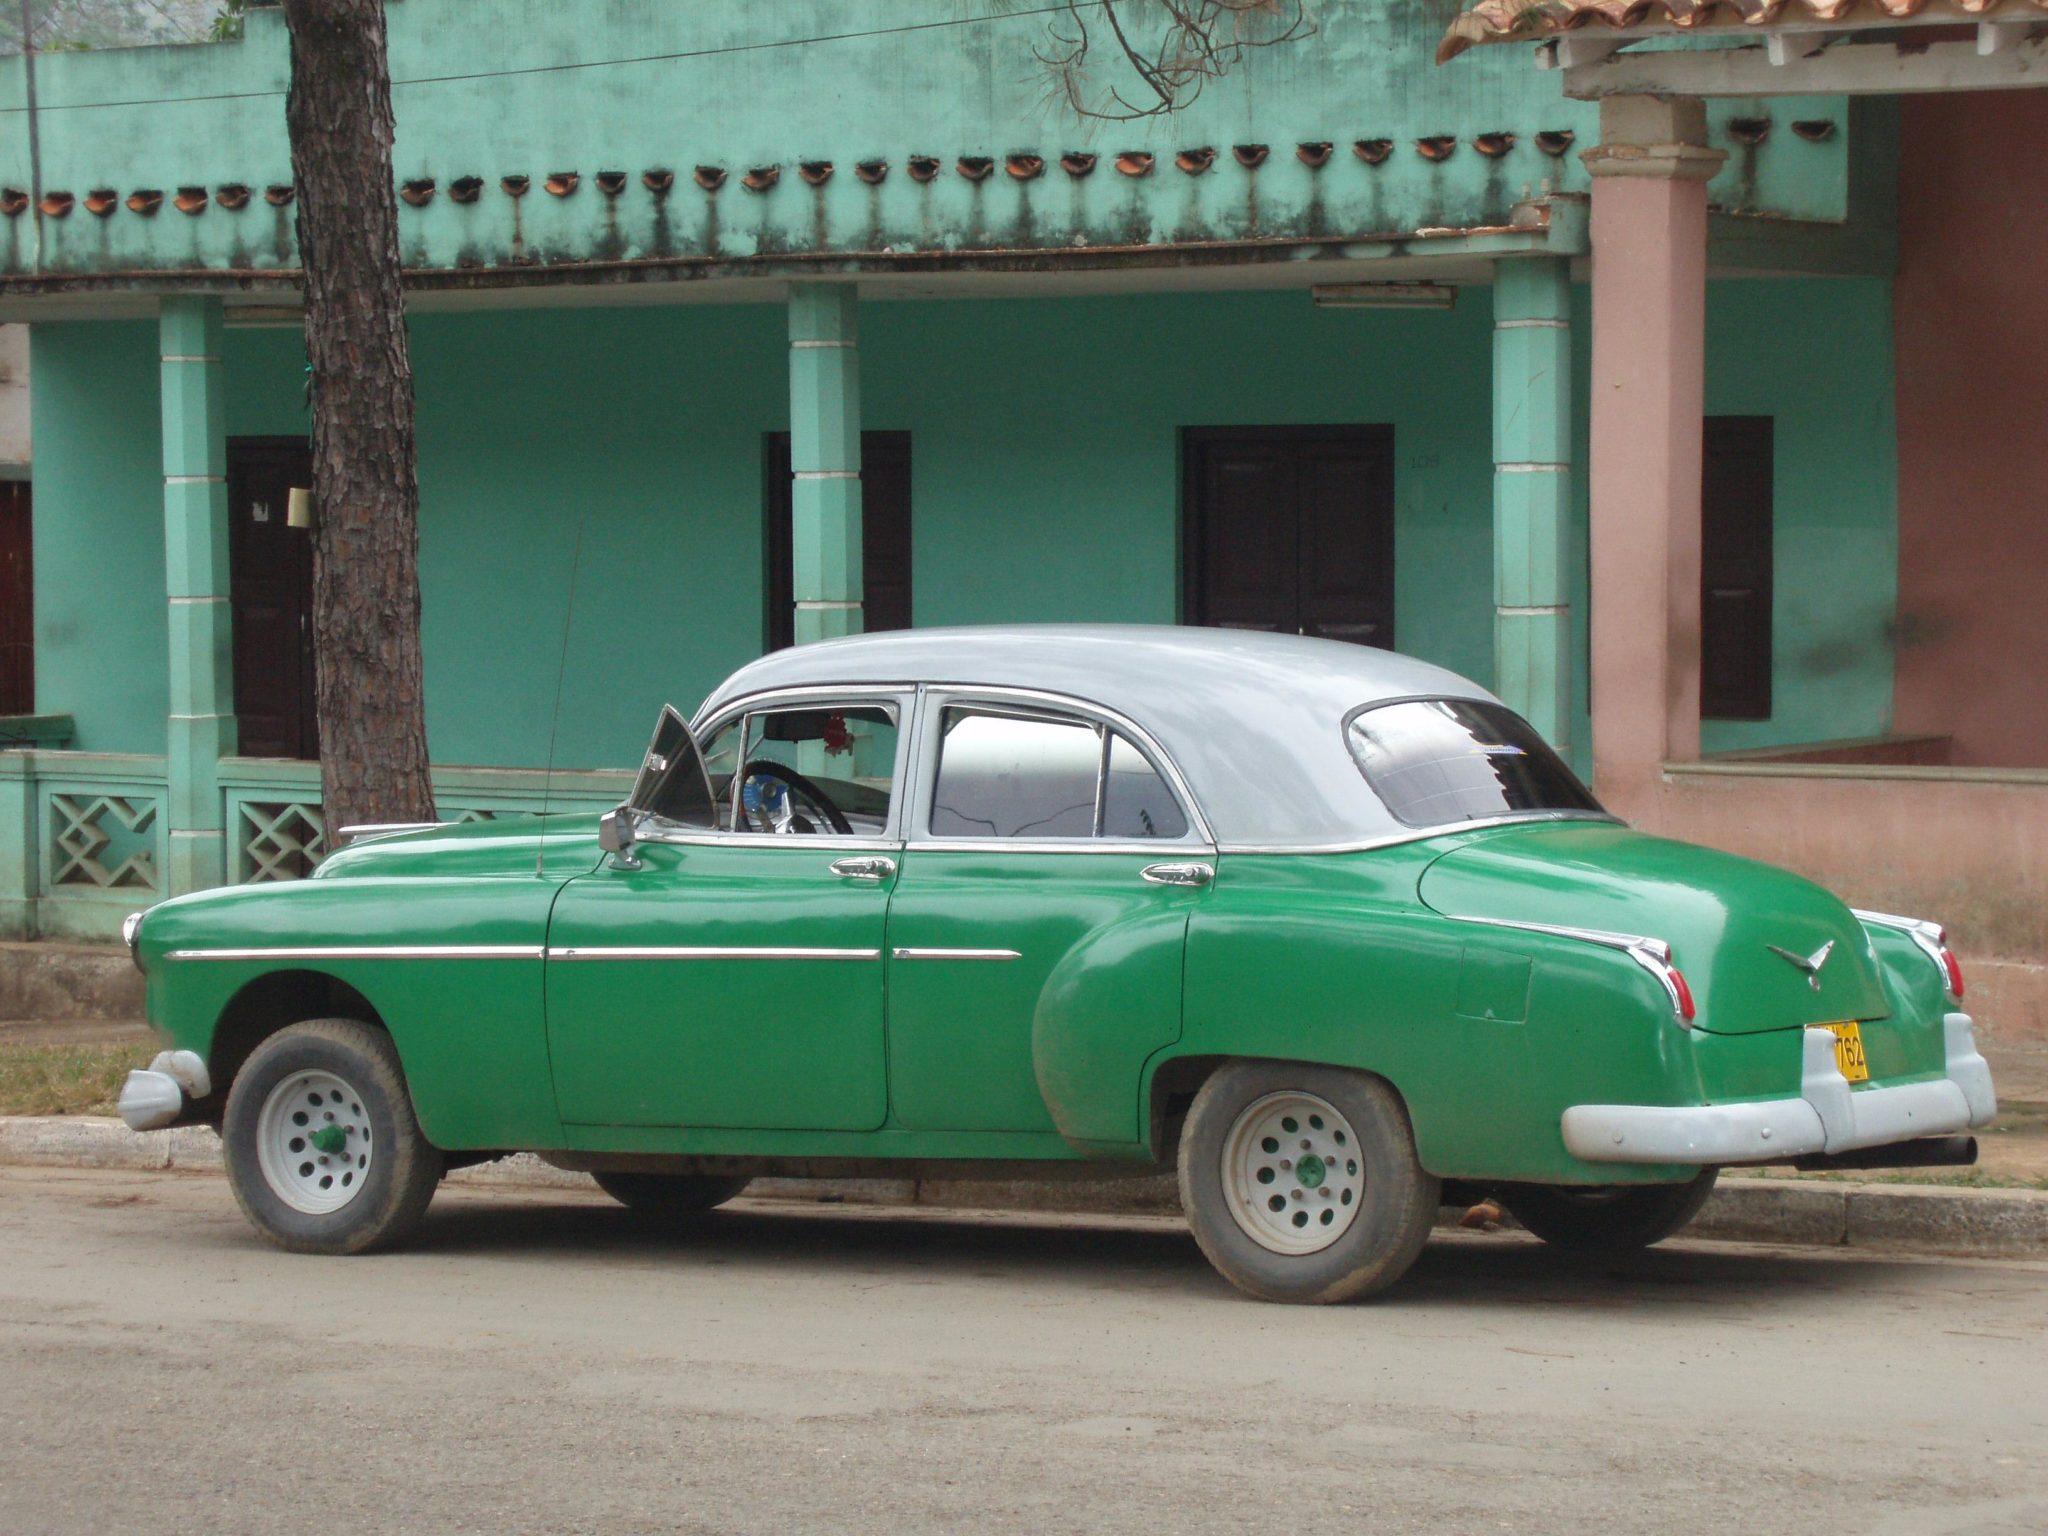 Cuba / Robert Kassous